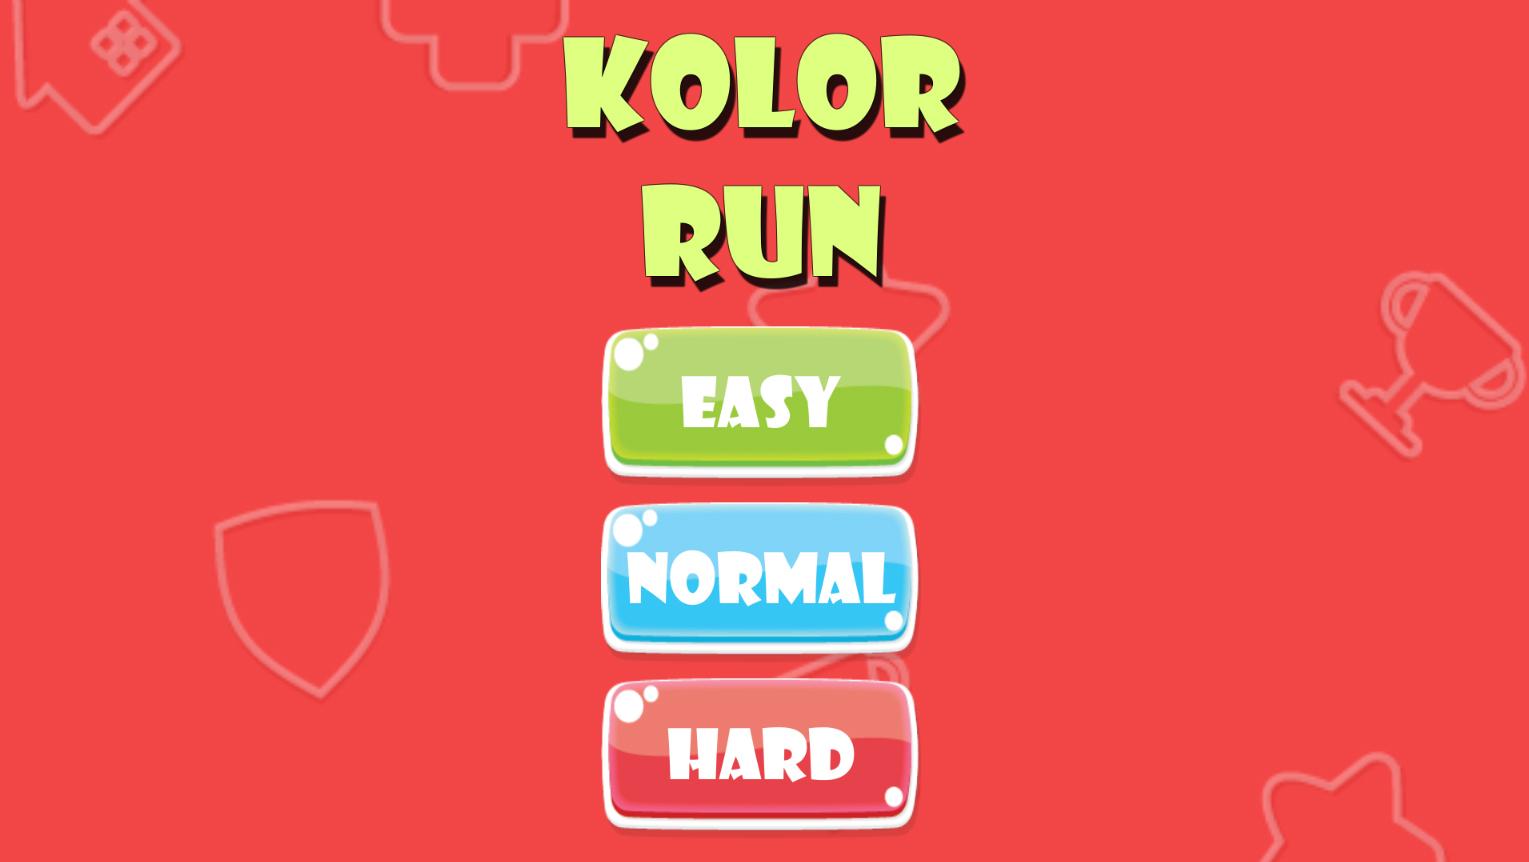 Kolor Run